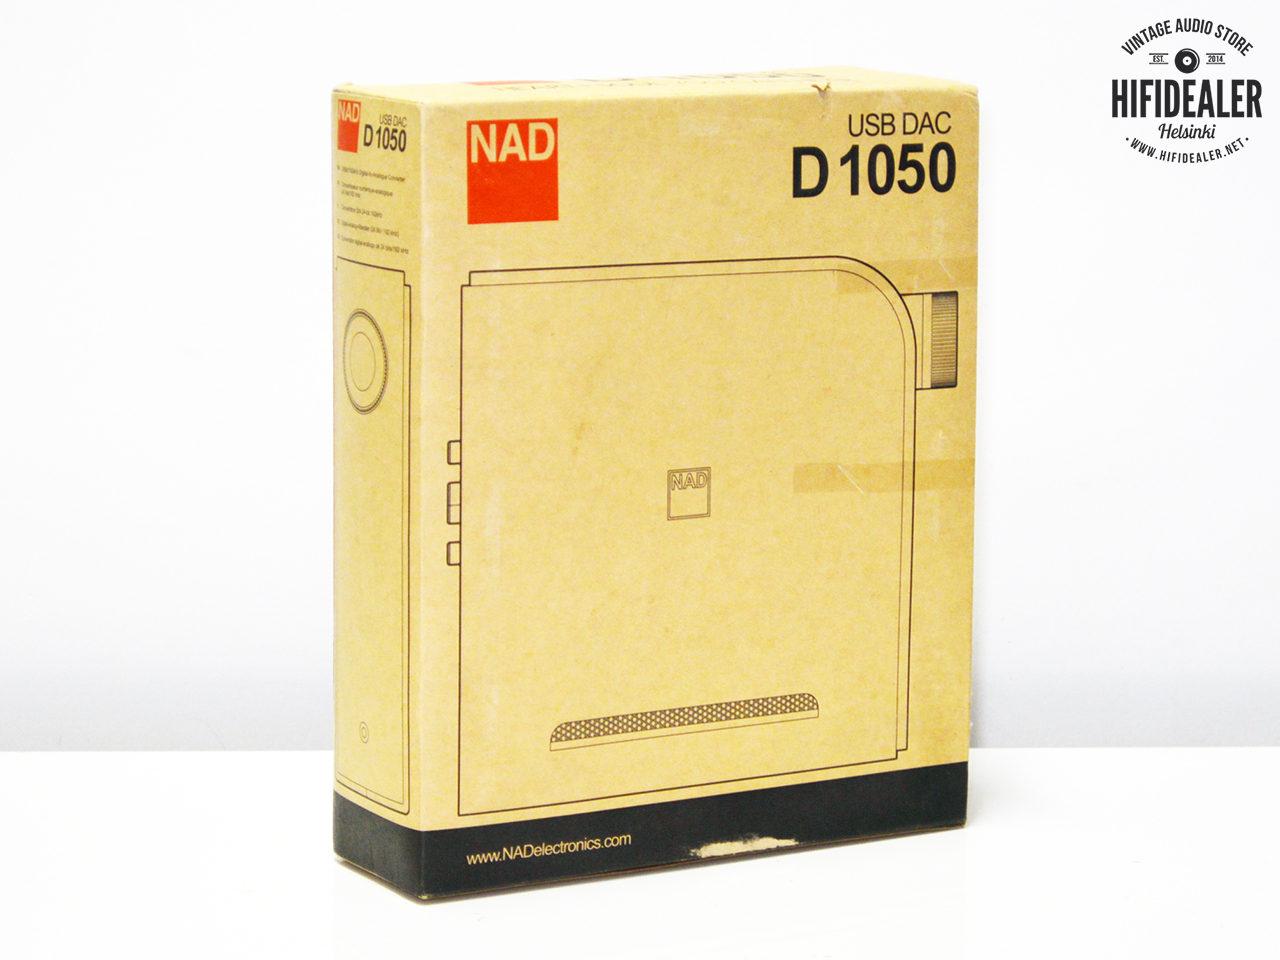 nad-d1050-3